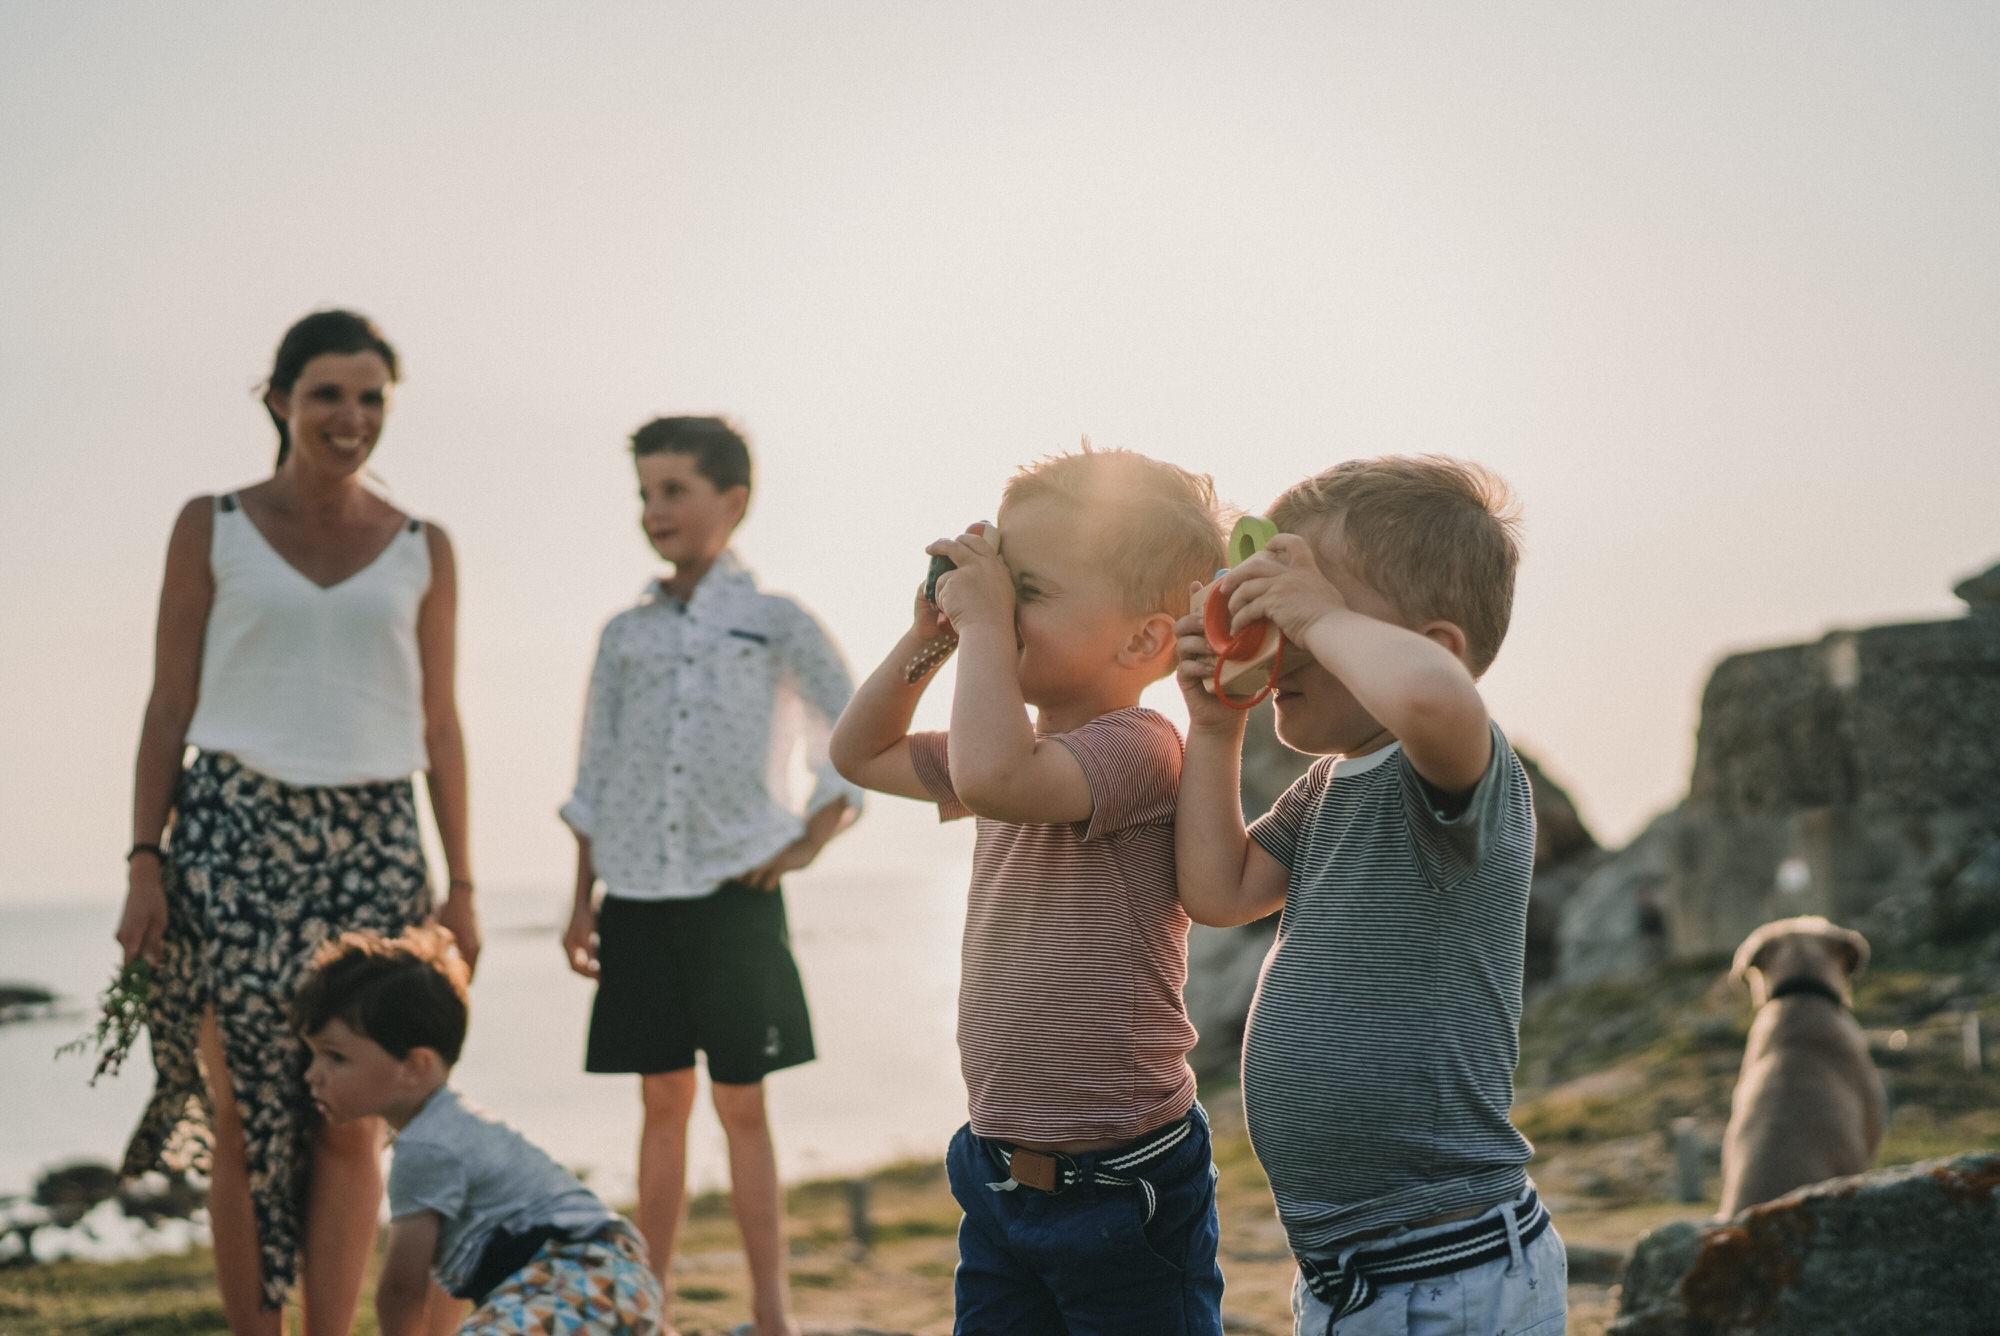 2021.07.20 Photo De Famille A Porspoder En Bretagne Par Antoine Borzeix 158, Photographe & Videaste à Brest / Finistère